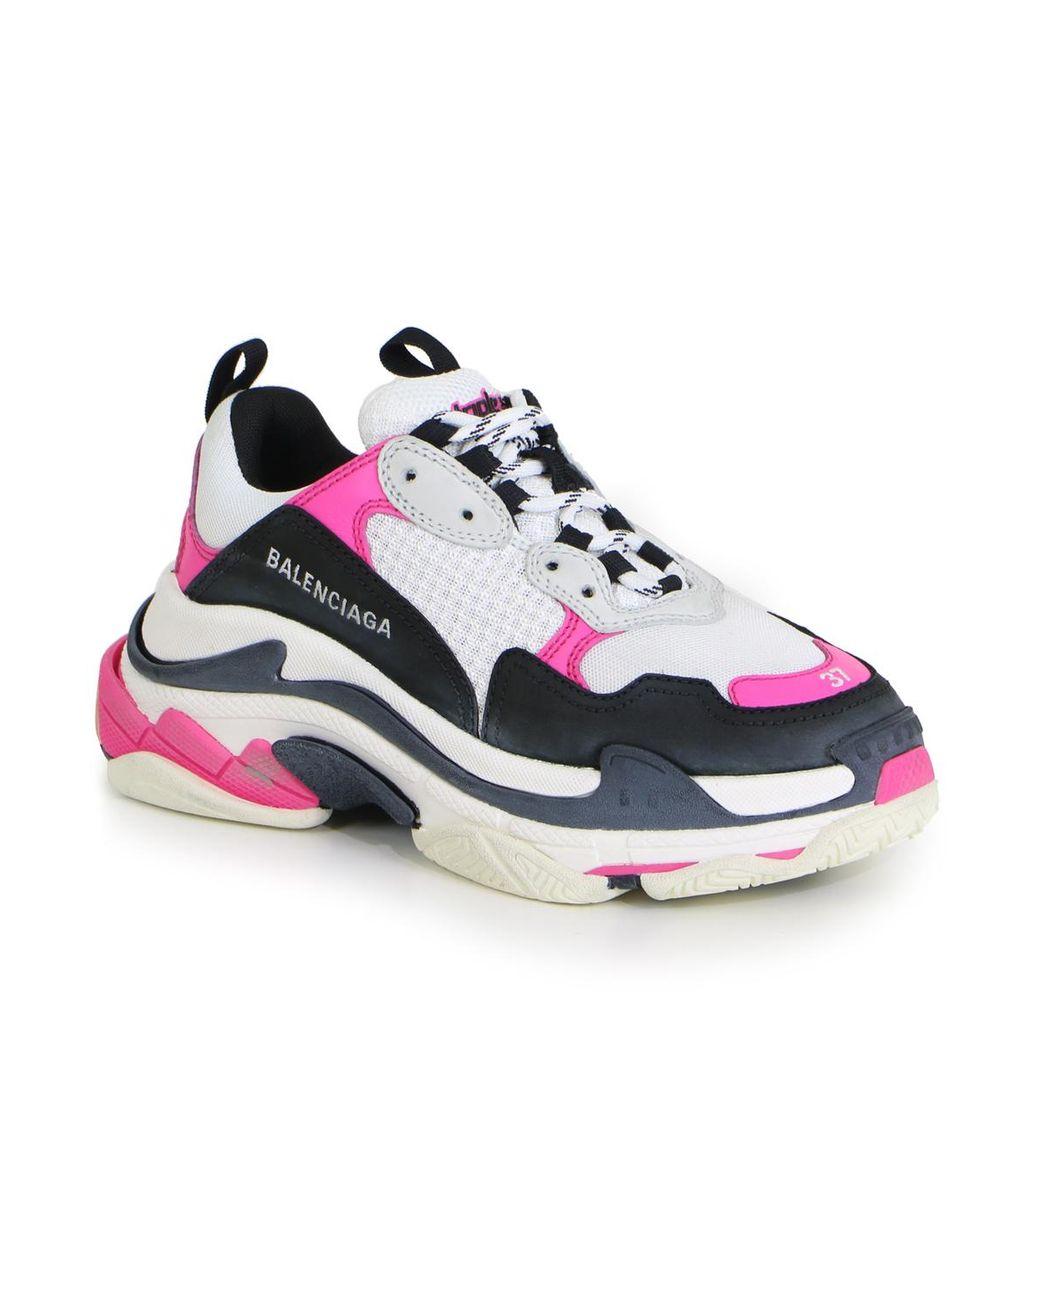 nouveau style e955a 5f16e Women's Triple S Sneaker Rose/black/white